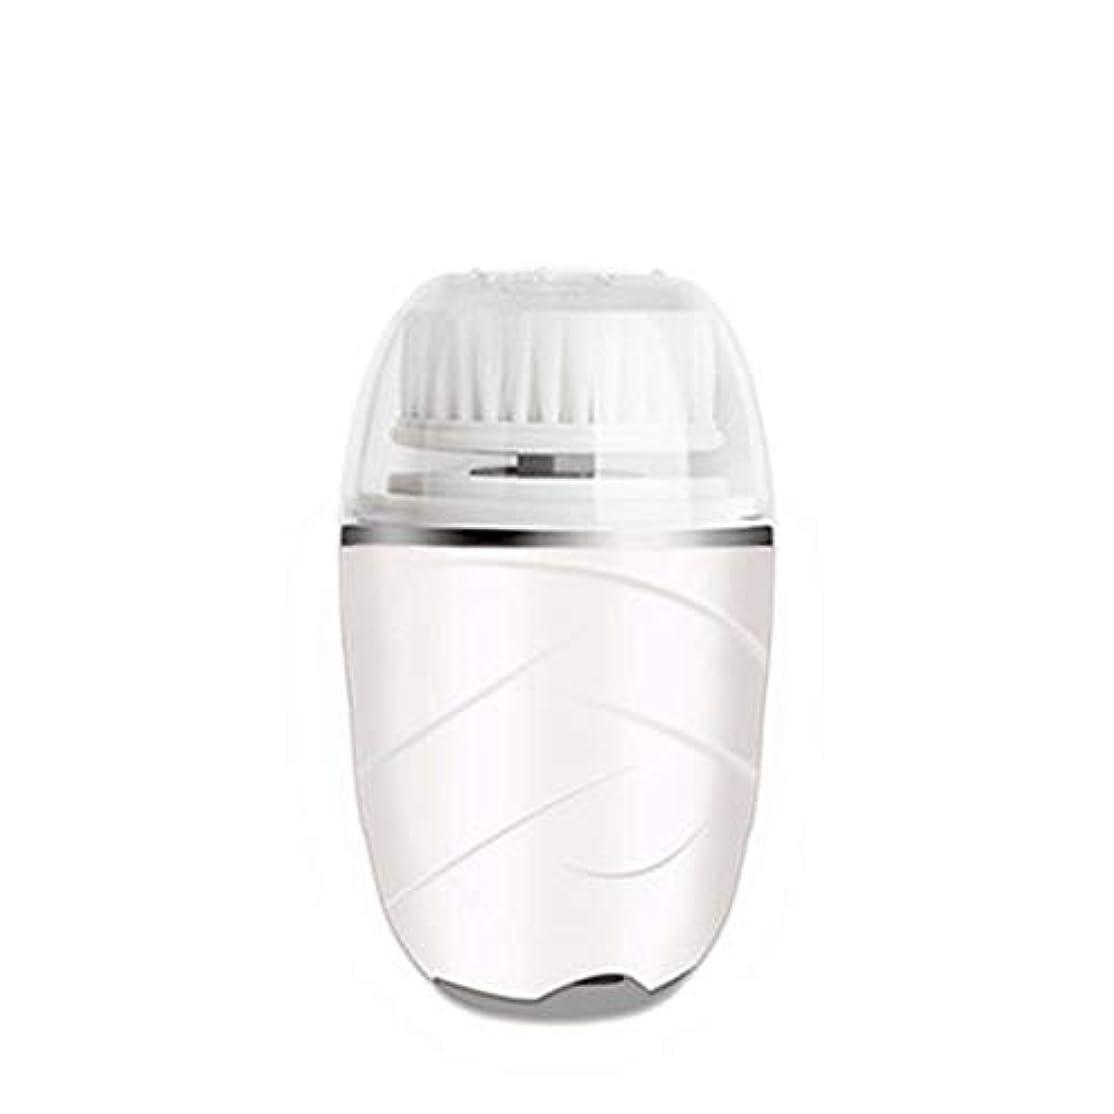 ジム知事頻繁にHEHUIHUI- クレンジングブラシ、防水ディープクレンジングポア、電気剥離、にきび、アンチエイジングクレンジングブラシ(ピンク) (Color : White)